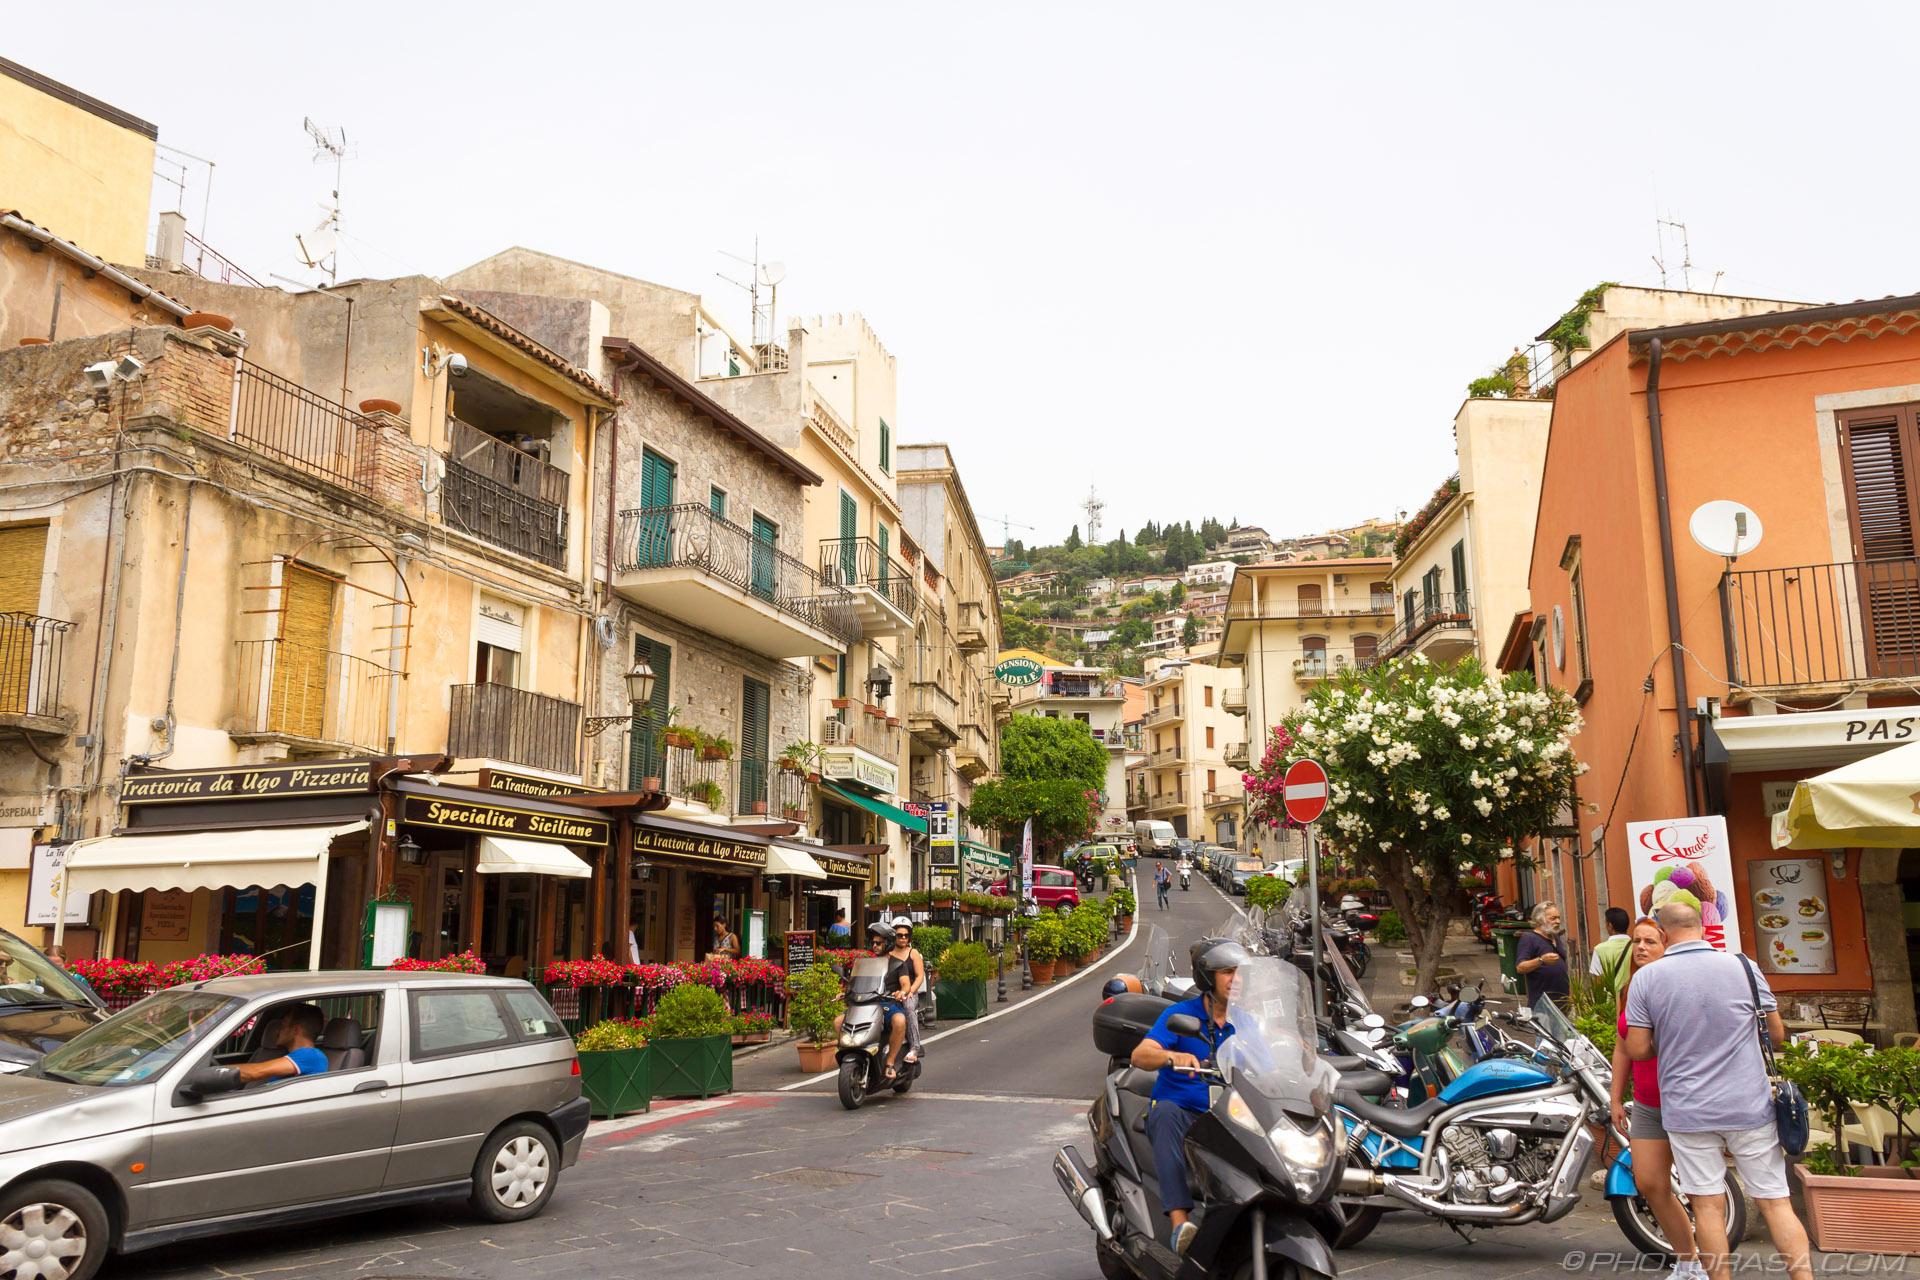 https://photorasa.com/taormina/taormina-town/